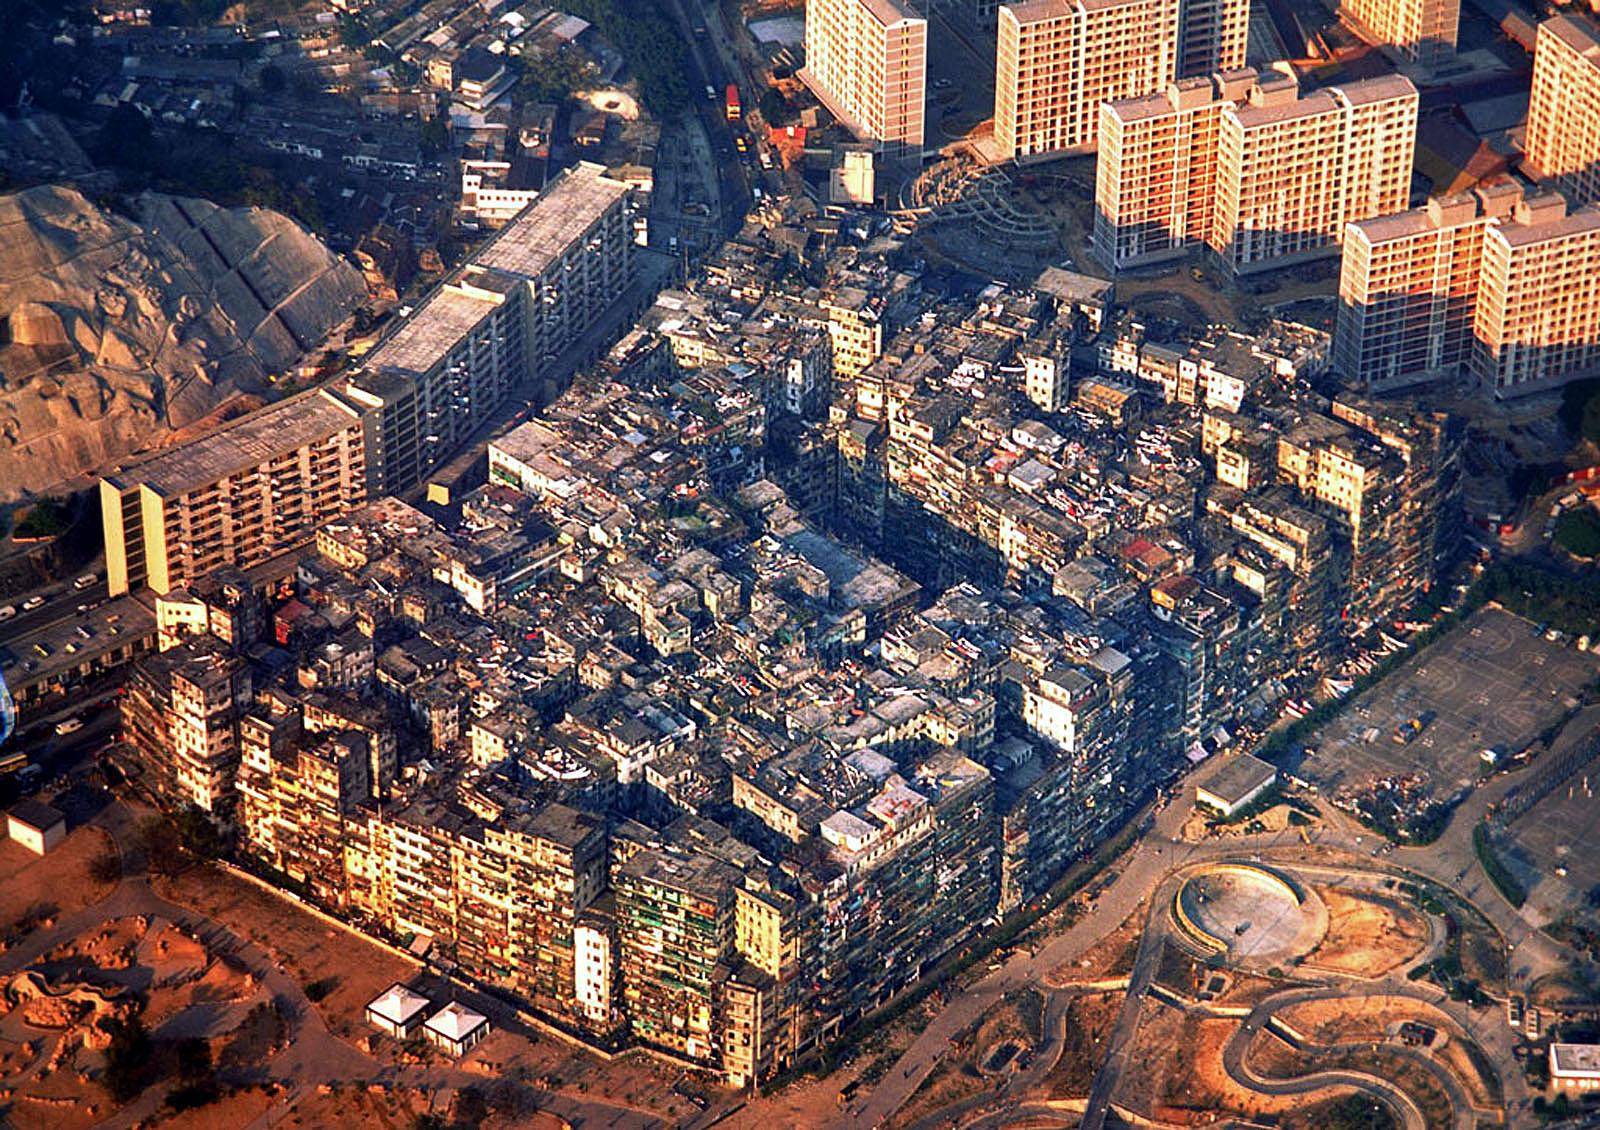 A cidade murada de Kowloon